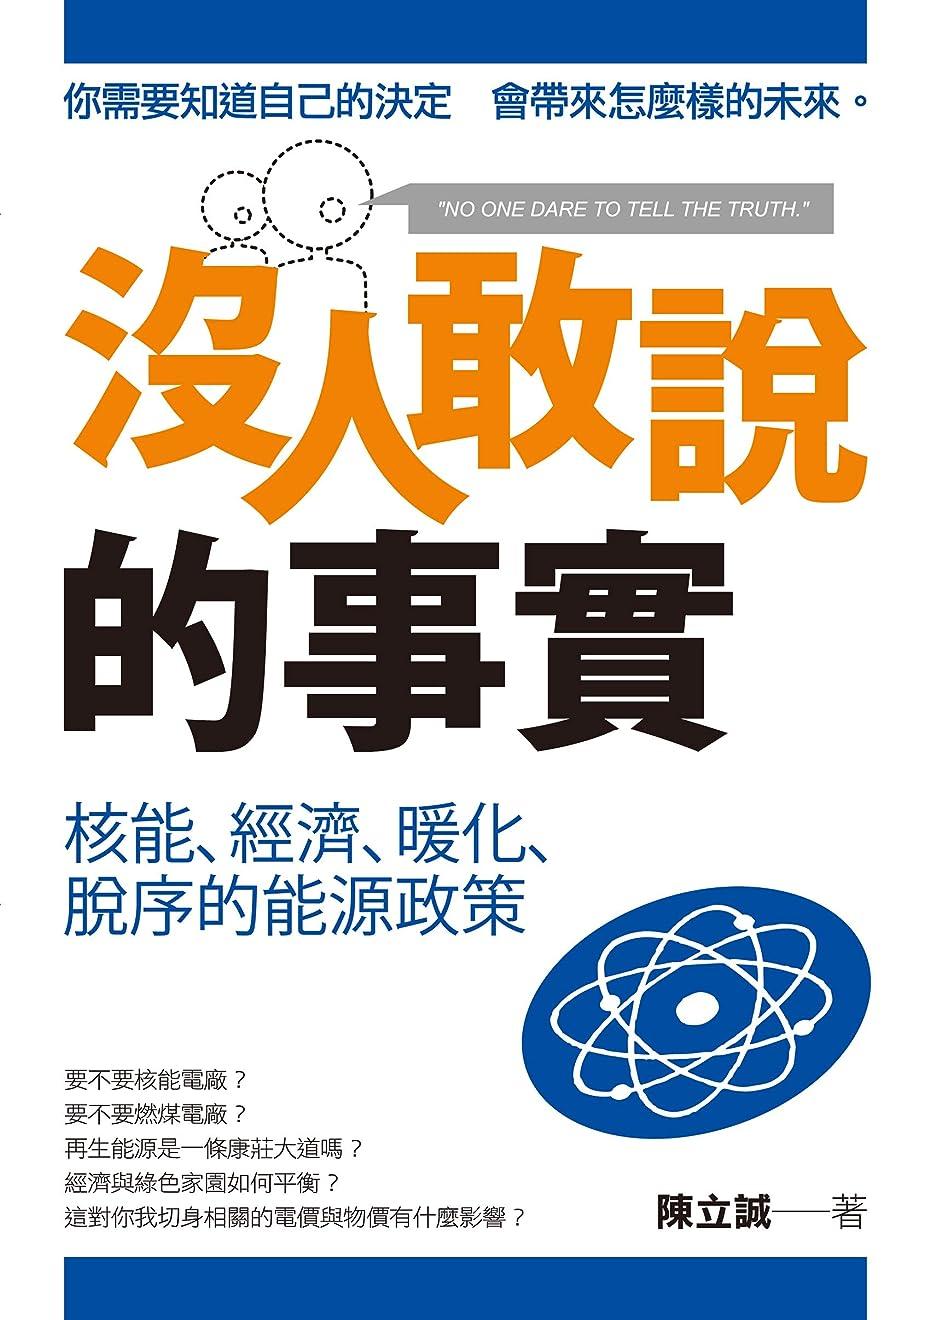 最少バリー覗く沒人敢說的事實—核能、經濟、暖化、脫序的能源政策 (Traditional Chinese Edition)